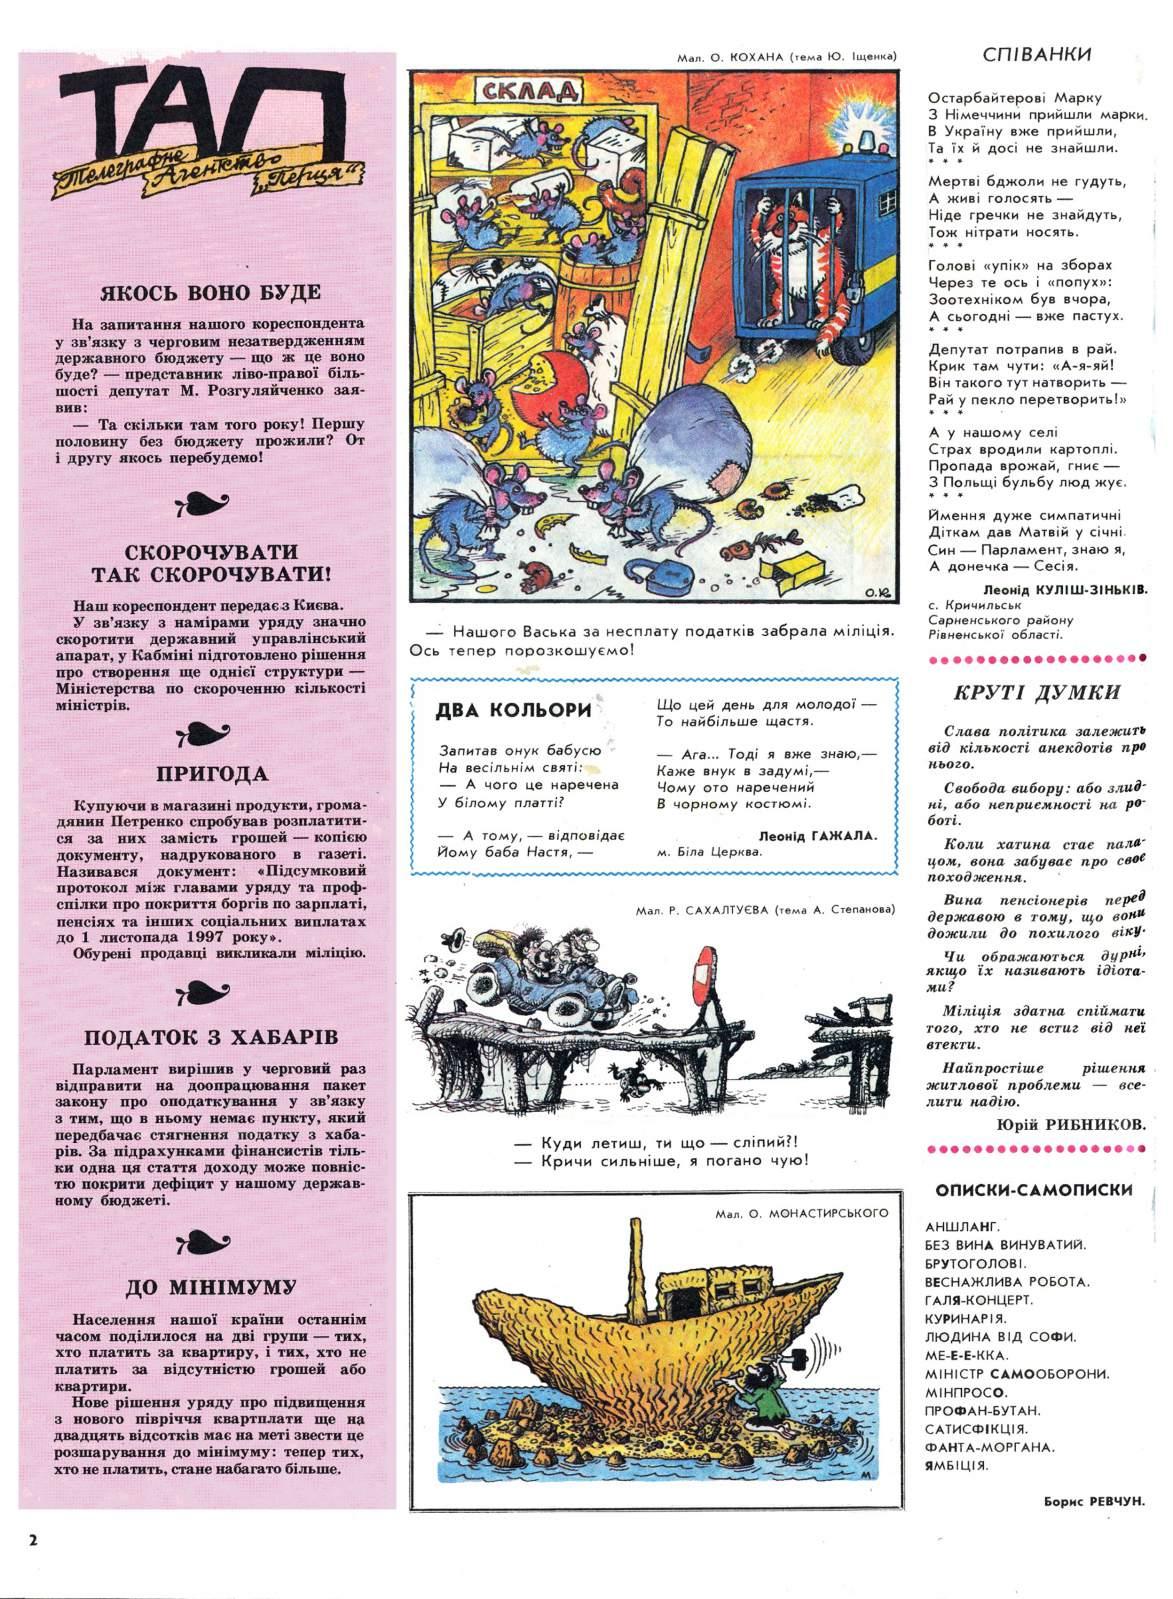 Журнал перець 1997 №05